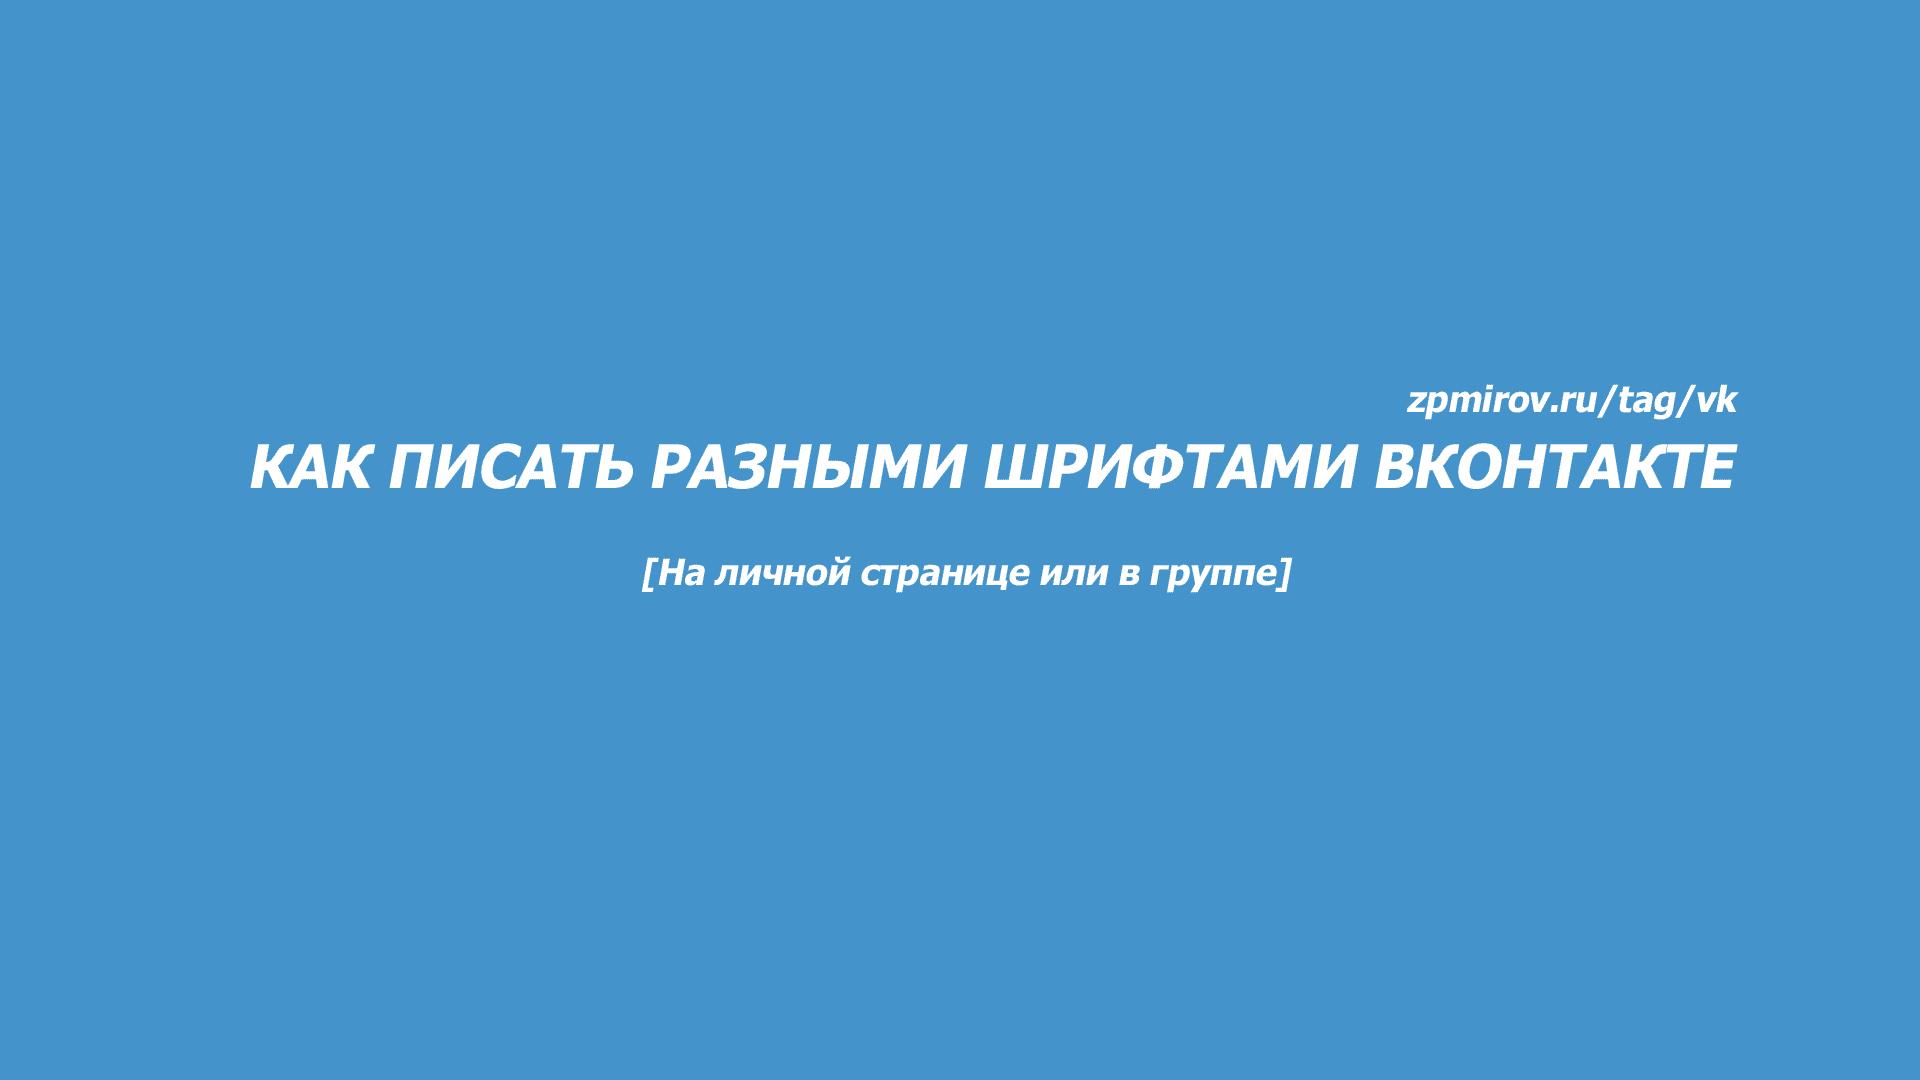 Как писать разными шрифтами ВКонтакте